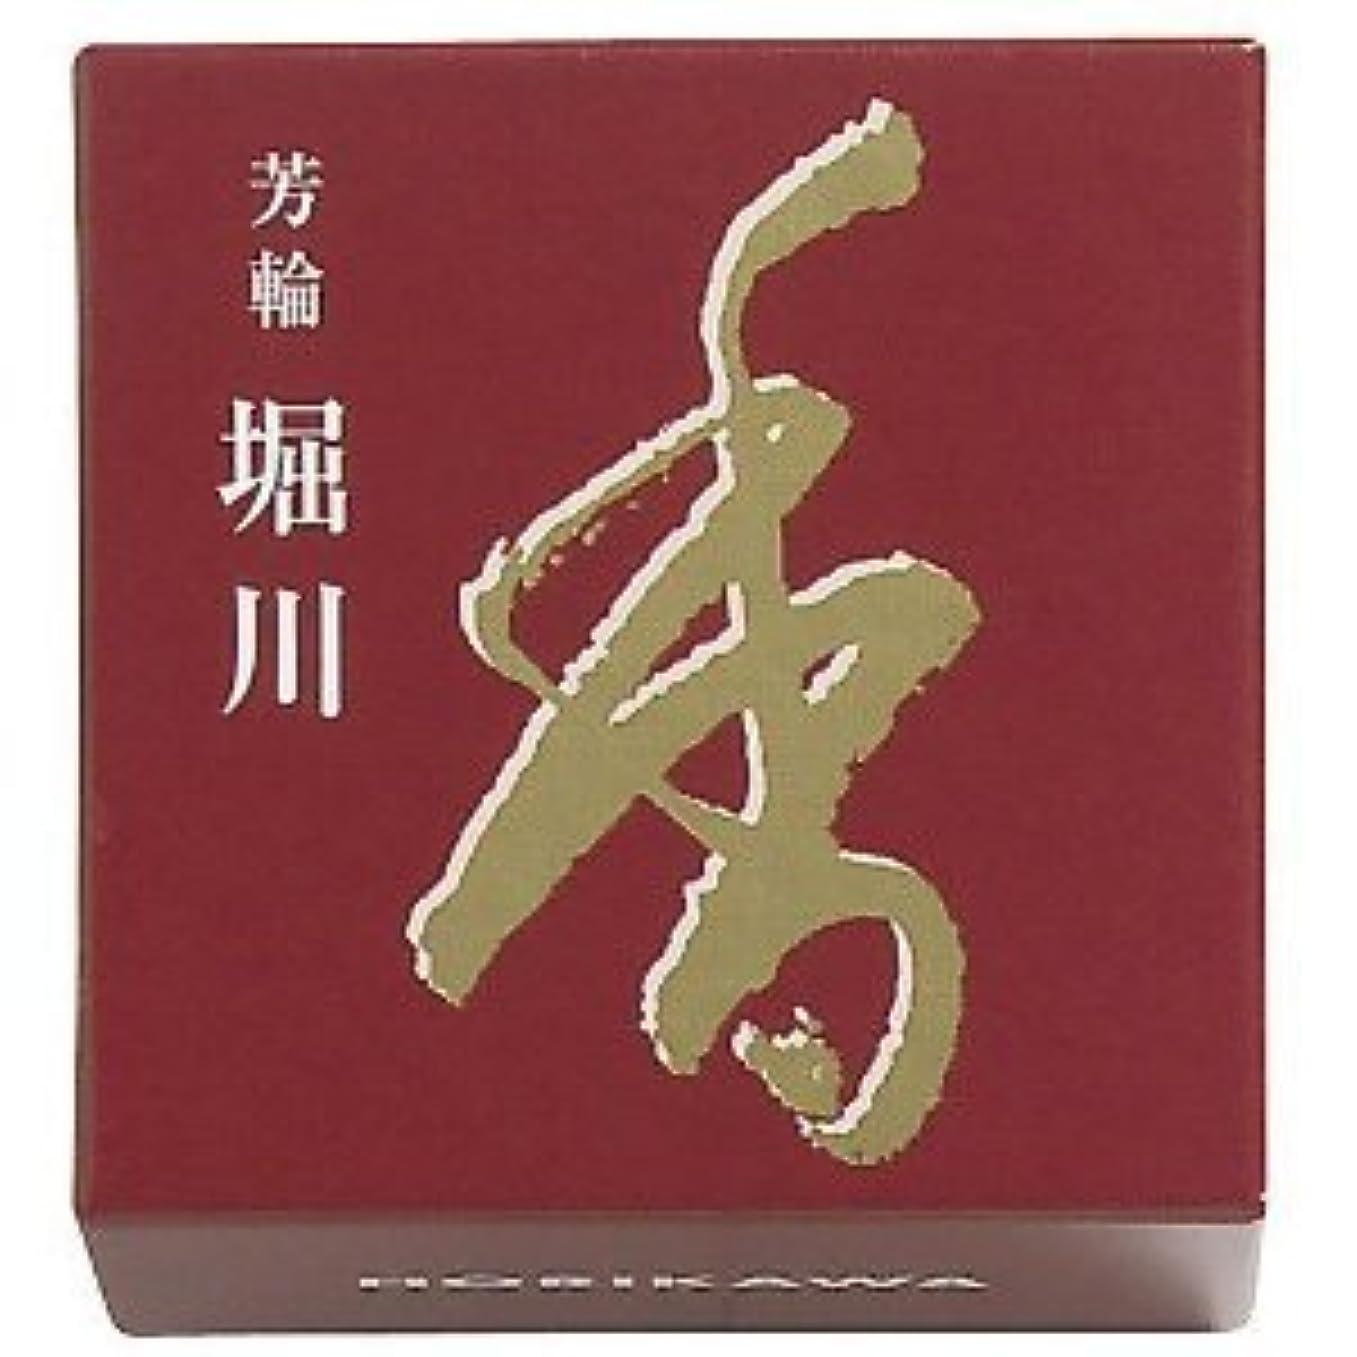 気配りのある人描く松栄堂 芳輪 堀川 渦巻型10枚入